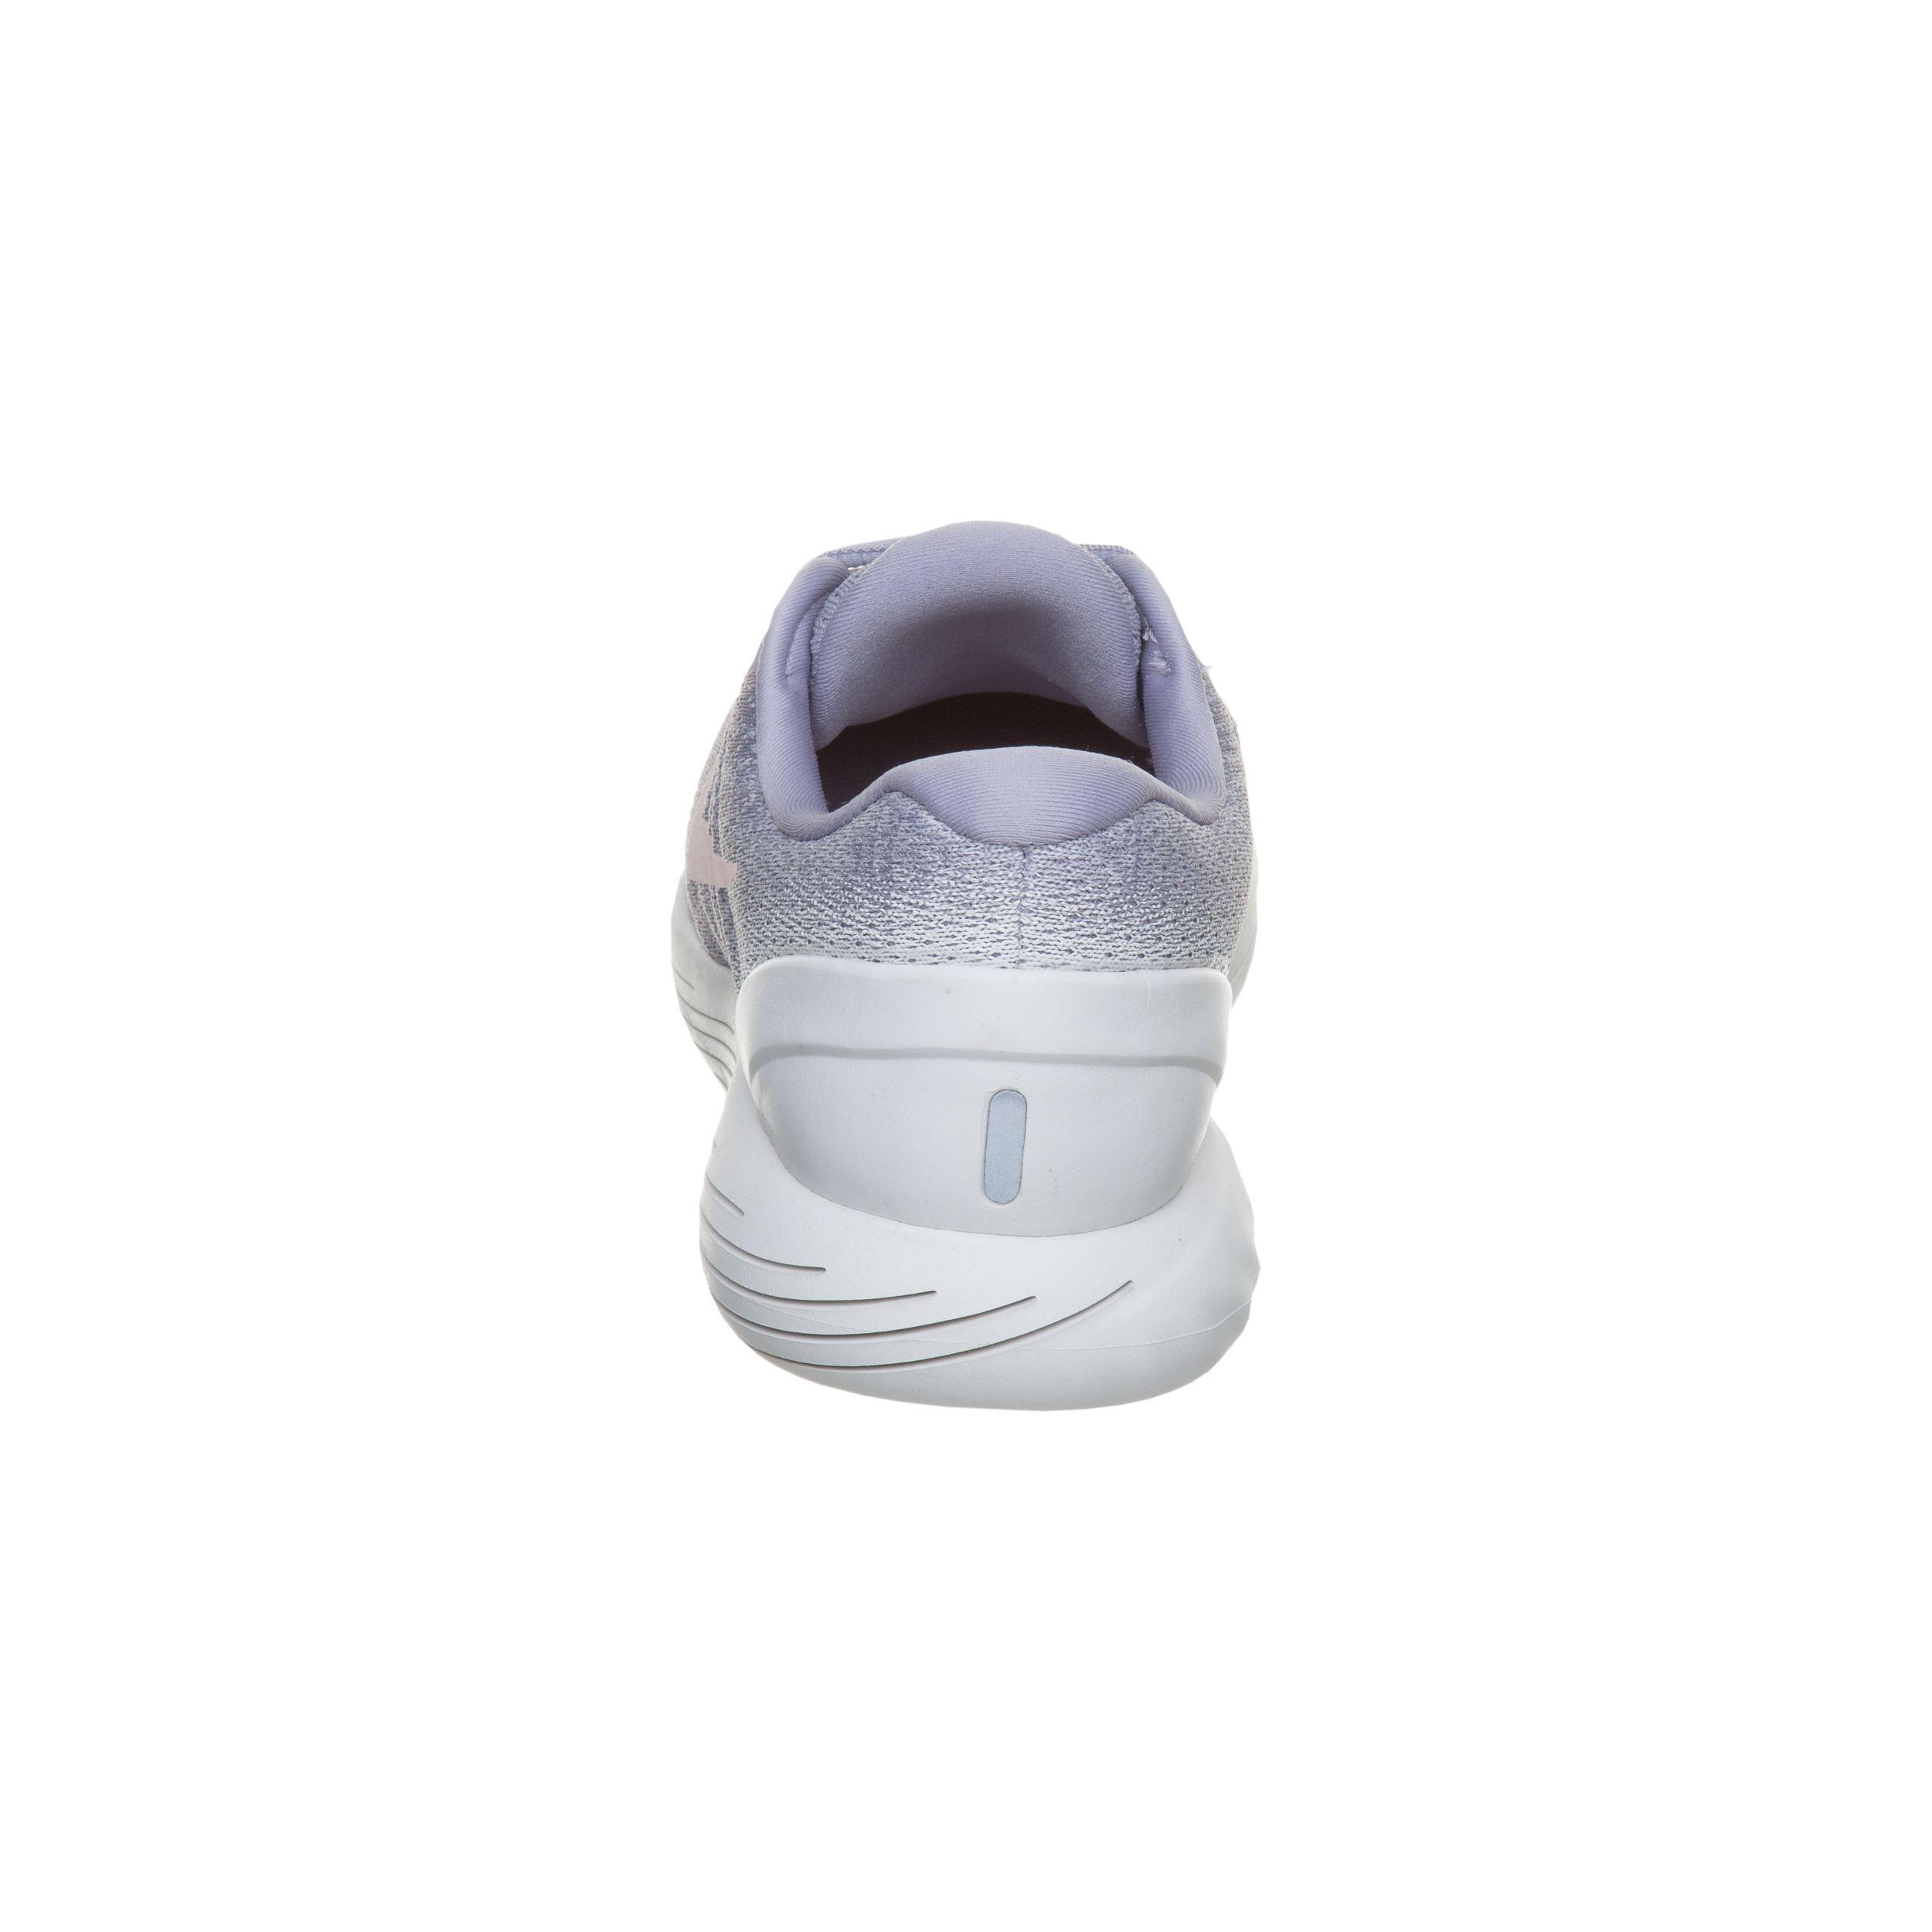 Nike LunarGlide 9 Stabilitätsschuh Damen Flieder, Weiß